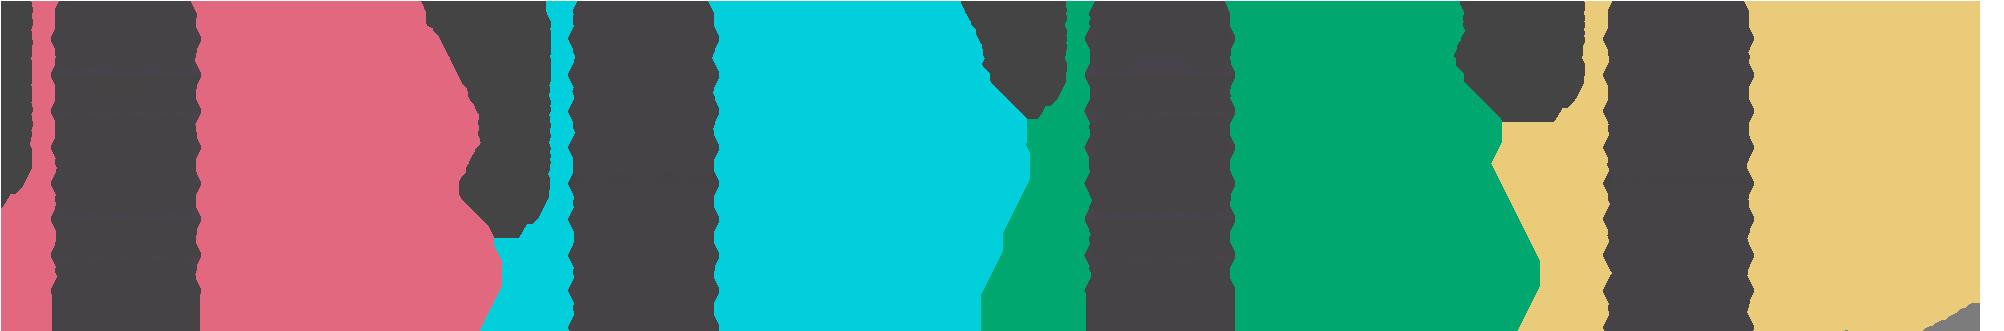 平野 良美グラフ